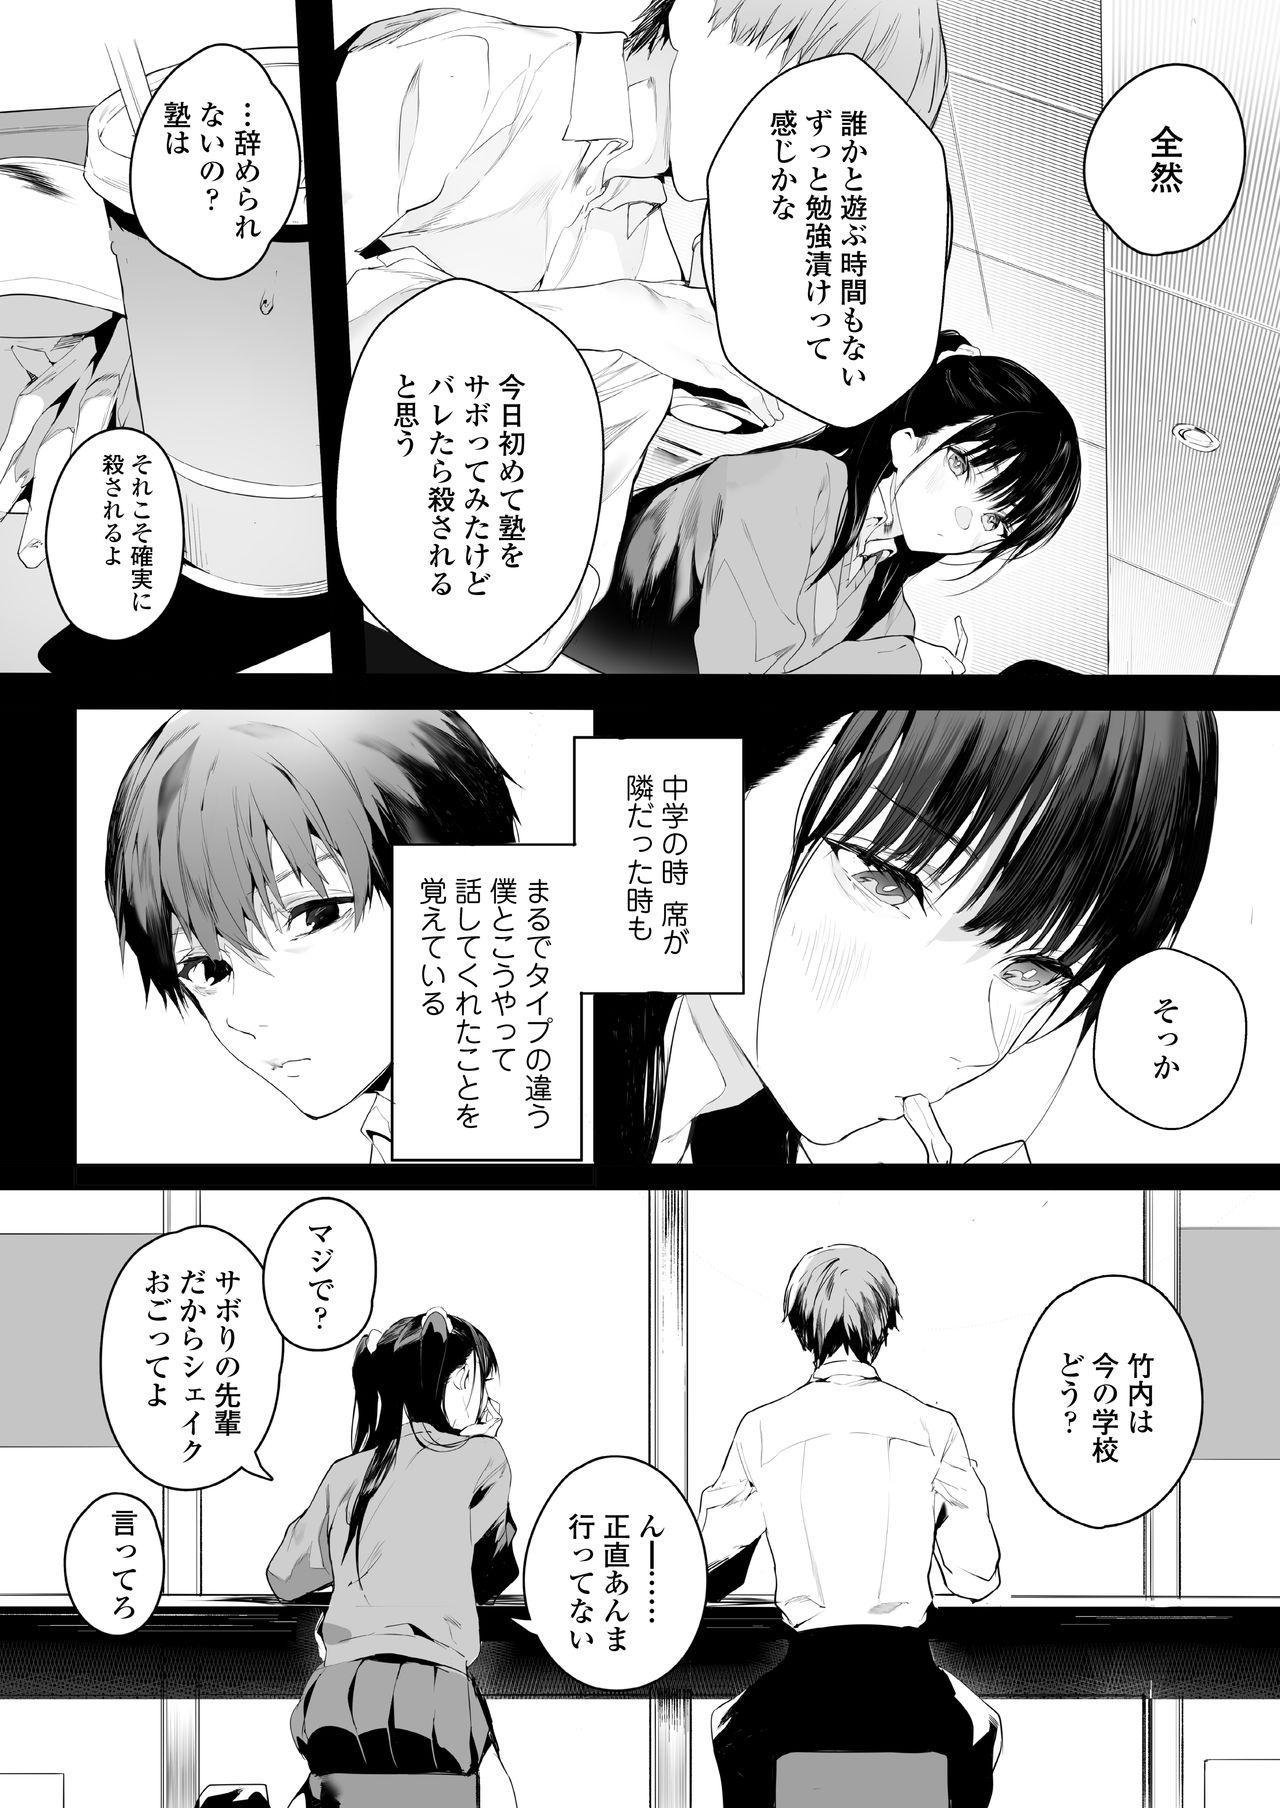 COMIC AOHA 2021 Natsu 31